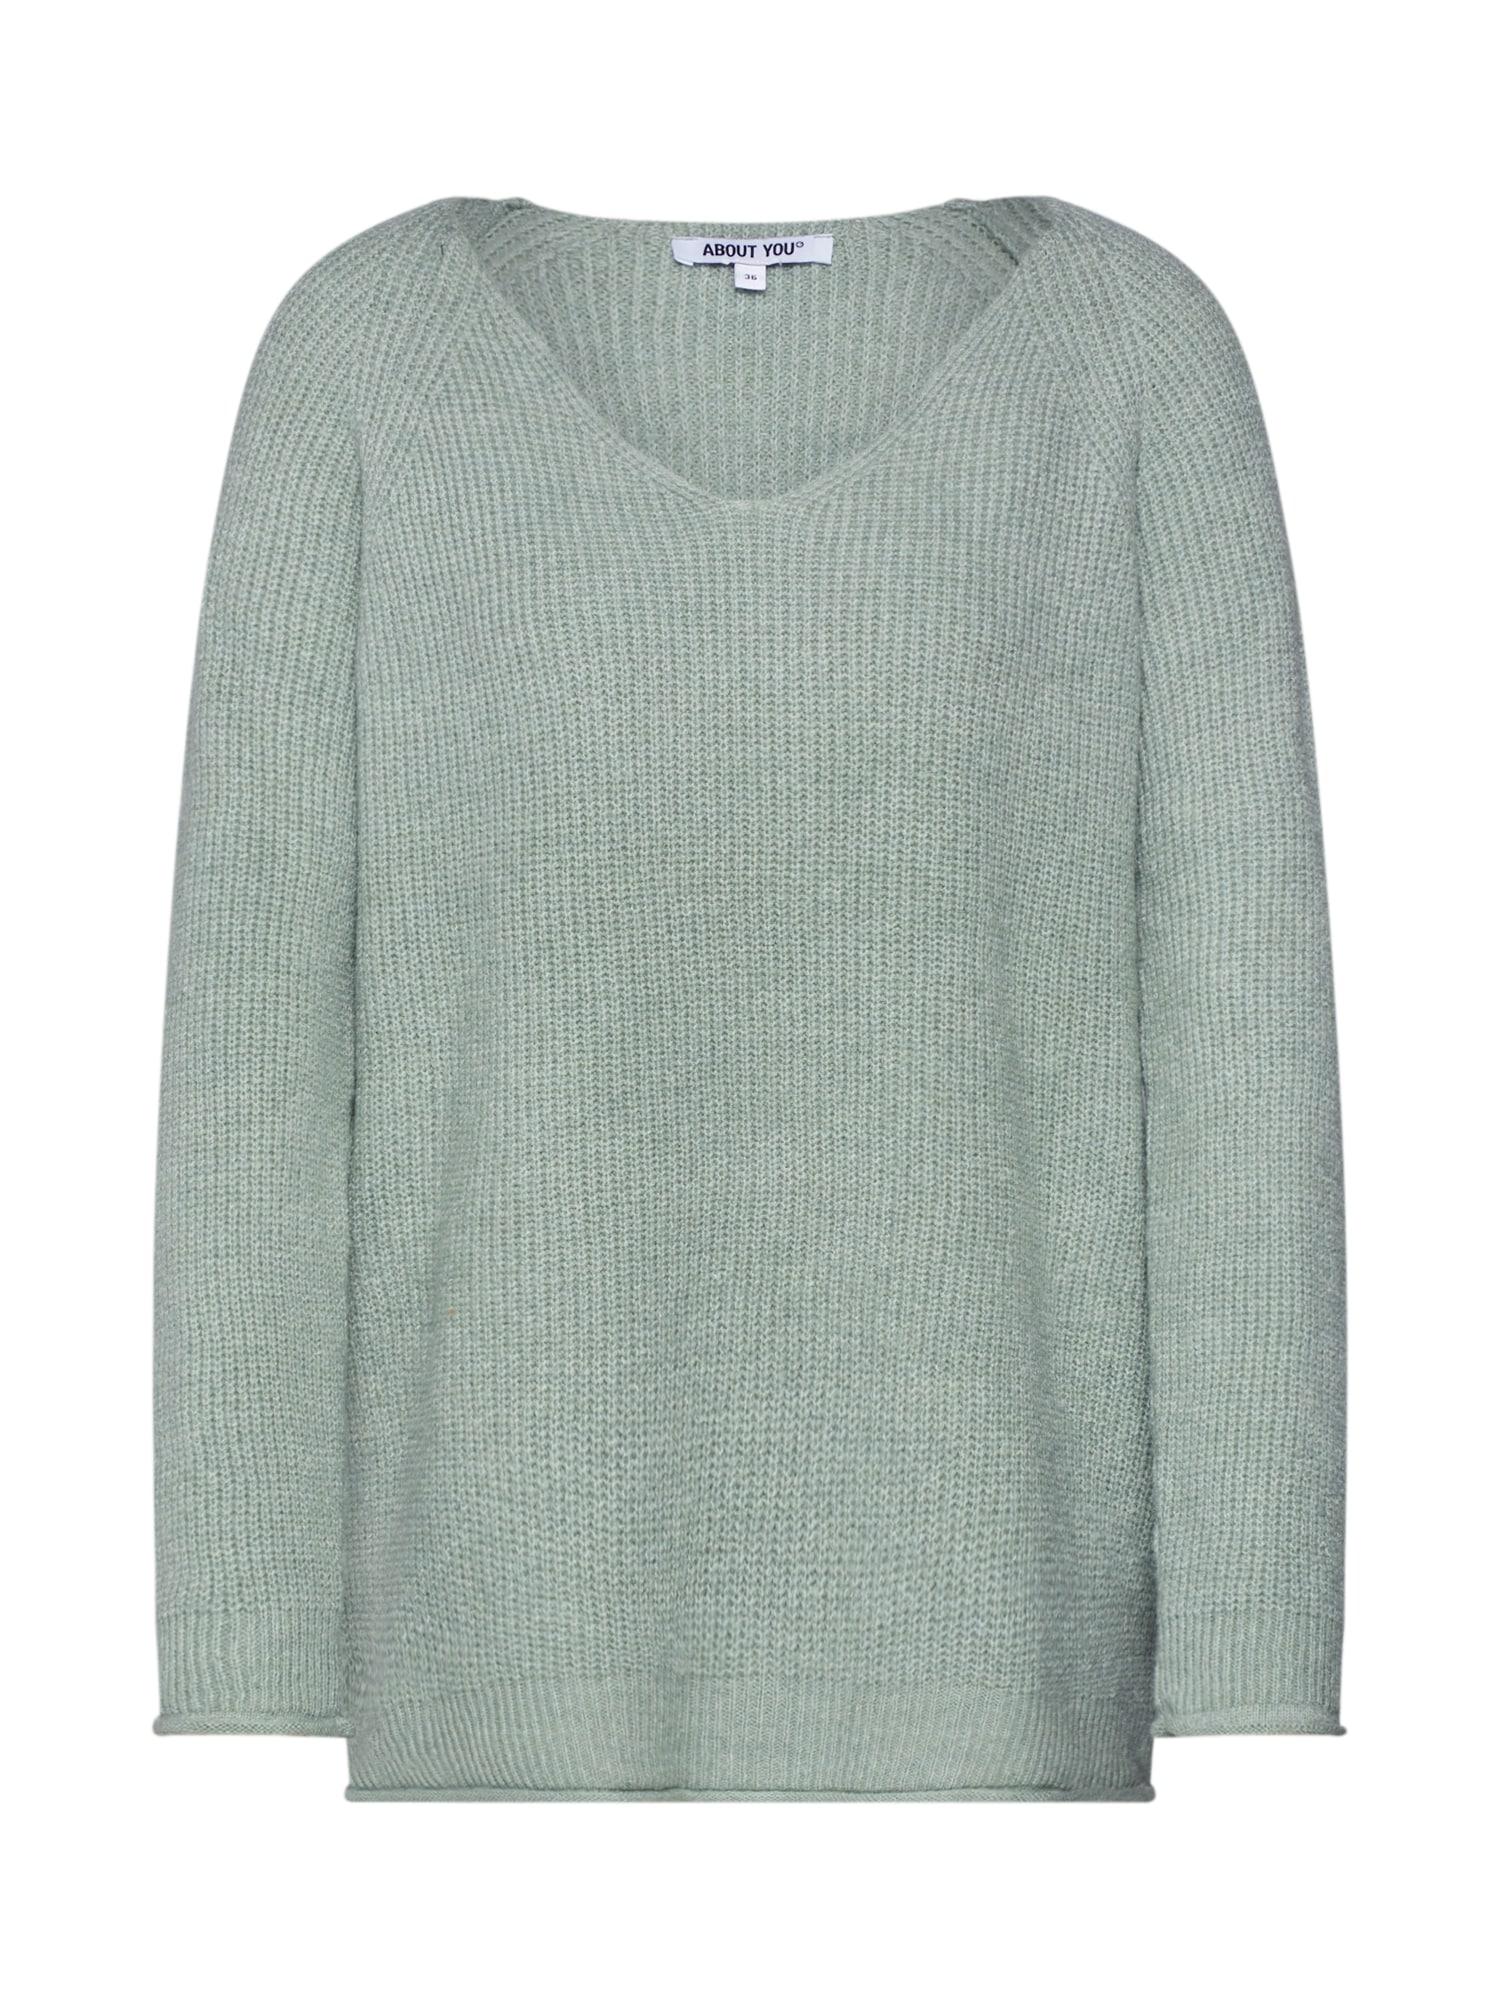 ABOUT YOU Megztinis 'Laren' mėtų spalva